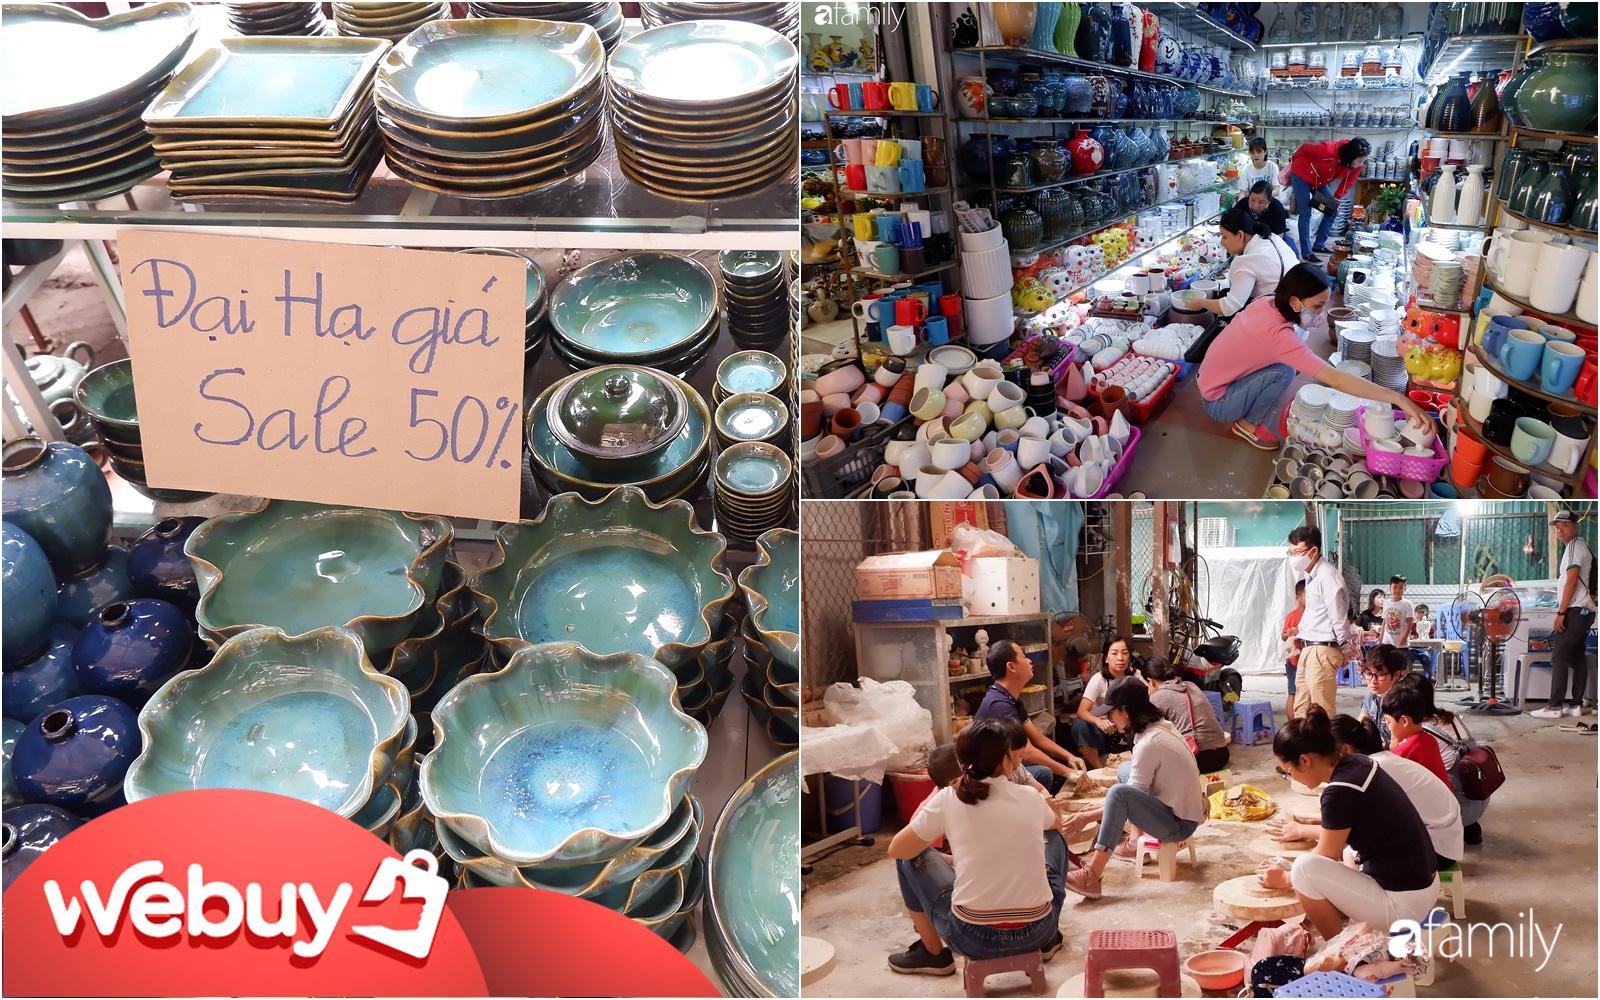 Đi chợ gốm Bát Tràng thời điểm này thỏa sức mua hàng Việt chất lượng, nhiều mặt hàng đang giảm giá đến 50%